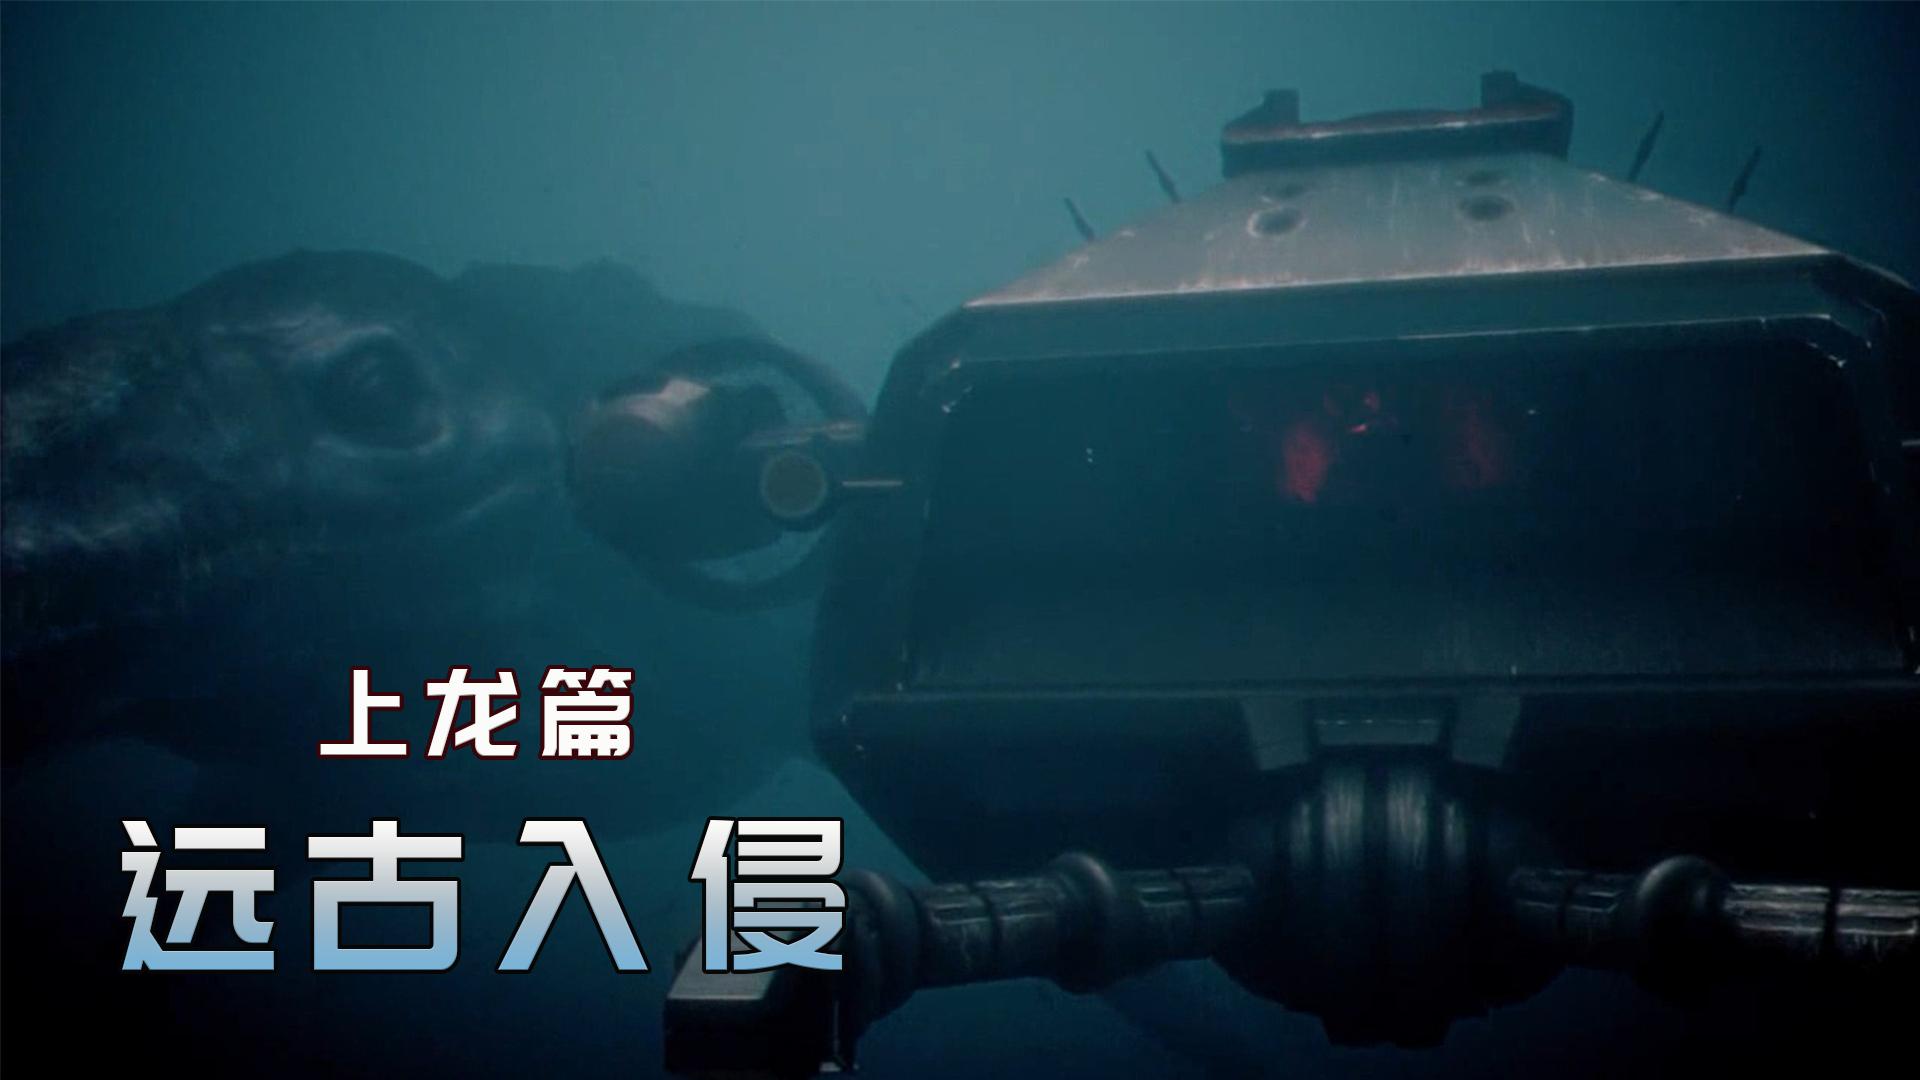 侏罗纪海洋霸主穿越到现代,军方出动核潜艇打击,把核弹投入时空隧道